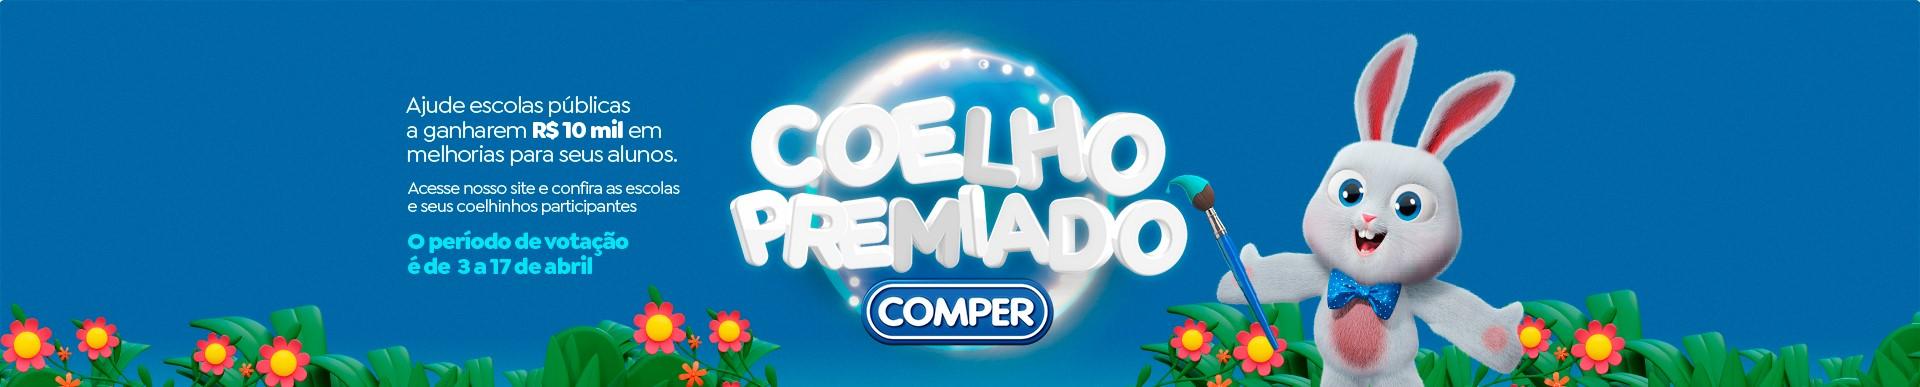 Votacao-Coelho-Premiado